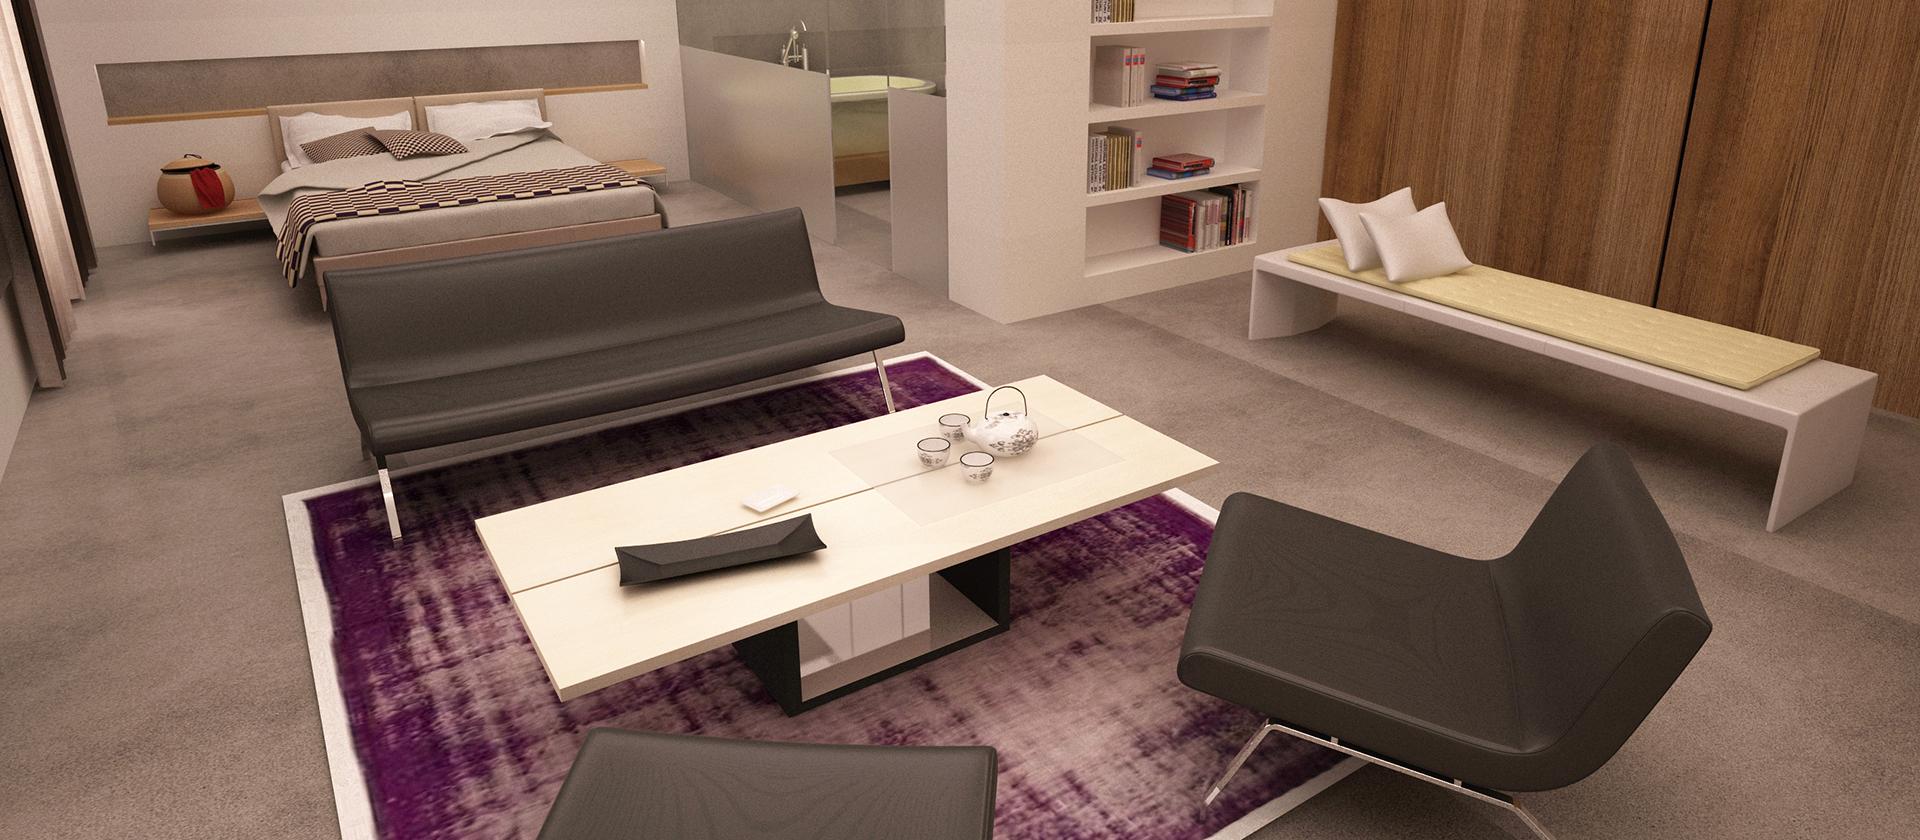 Master Degree In Interior Design Property Fidi Italy  Interior Design School In Florence  Design School .